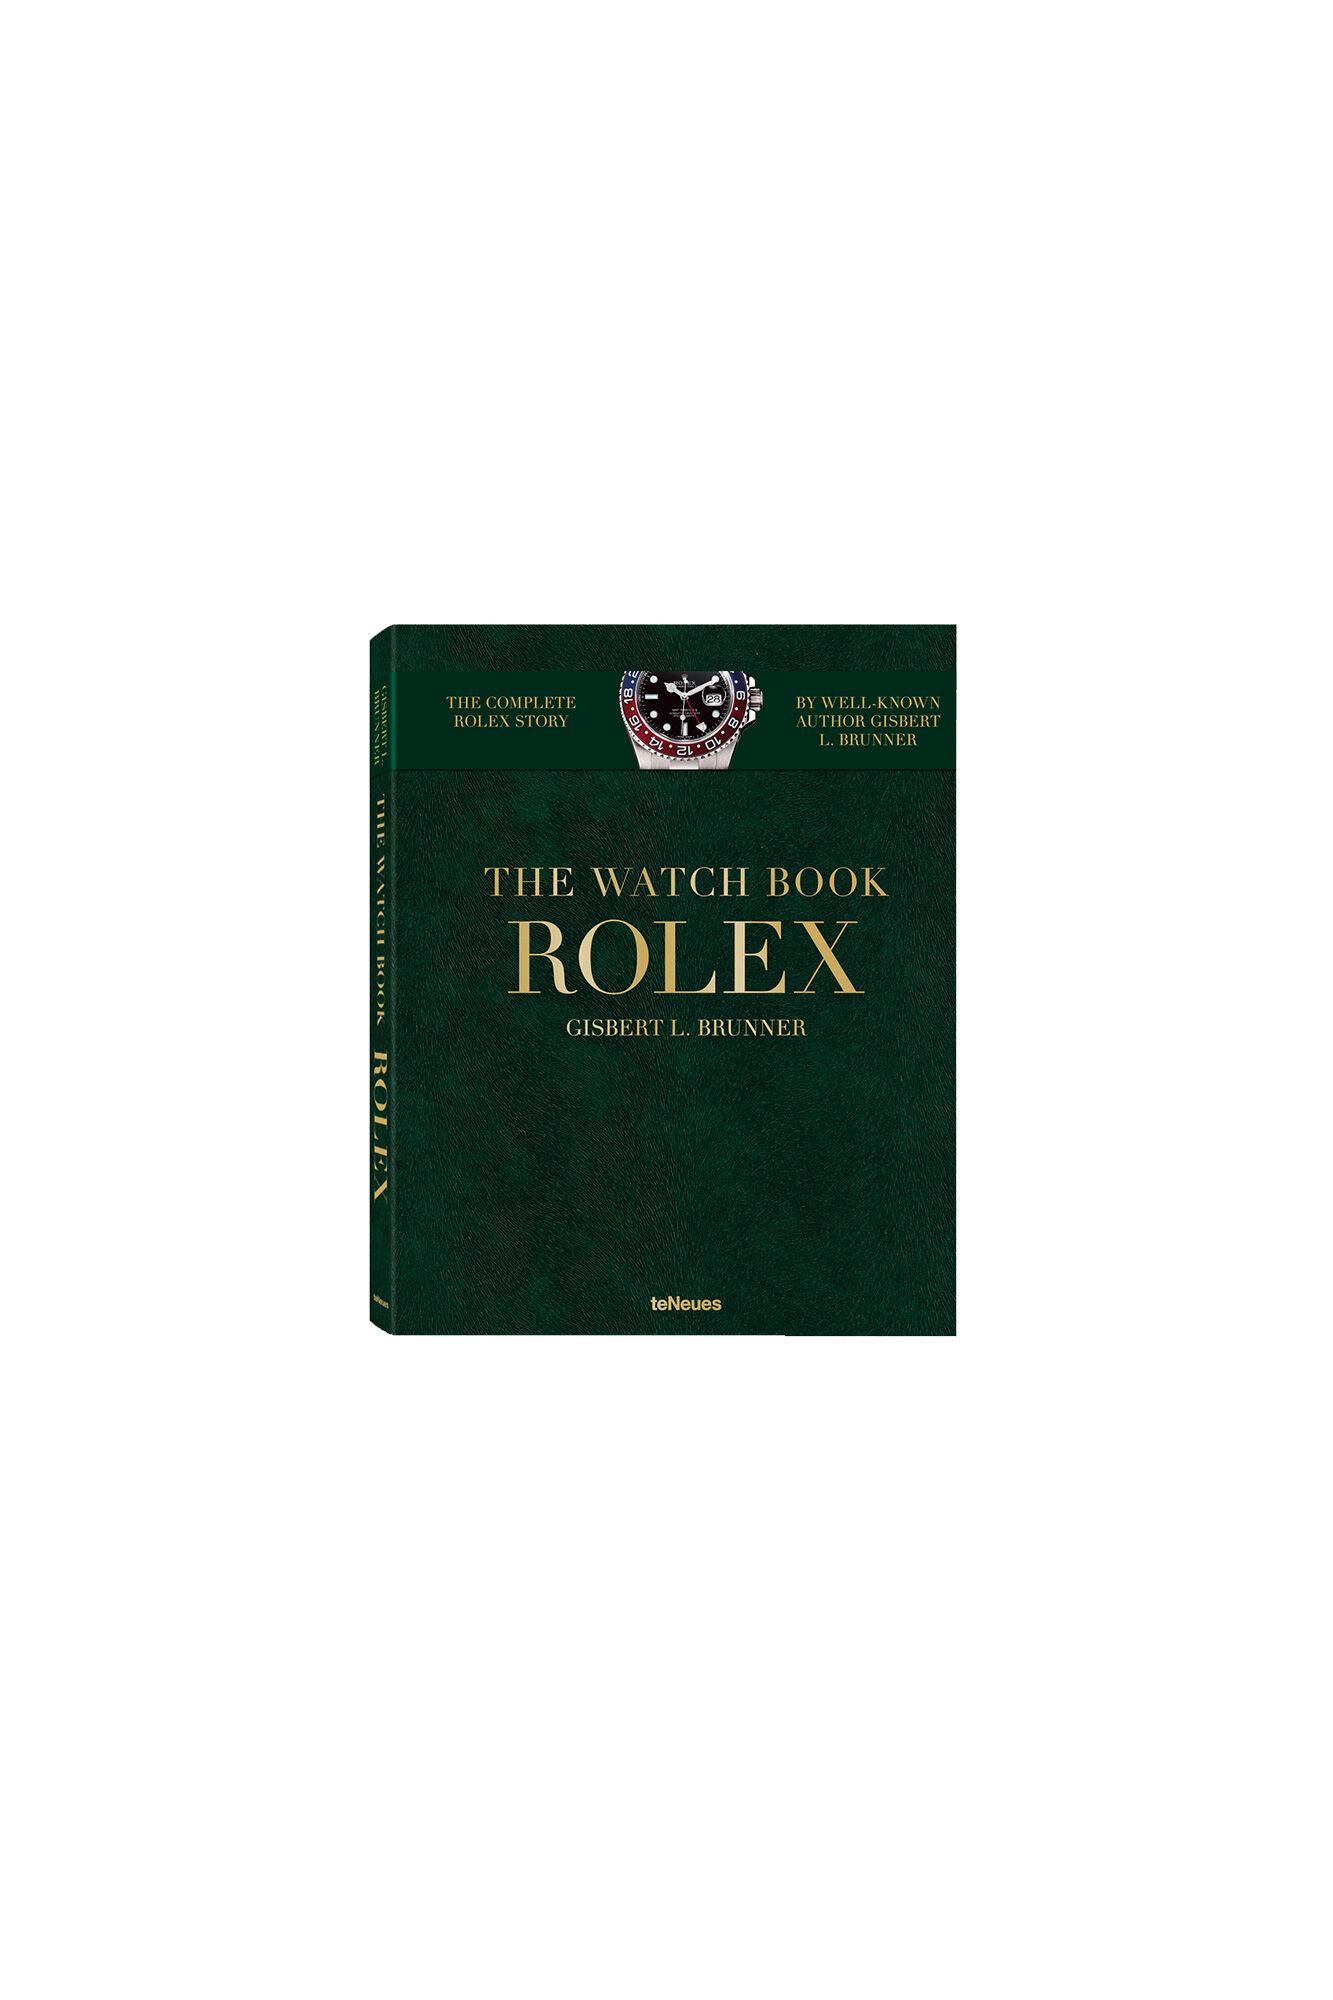 Rolex TE1009, MULTIPLE